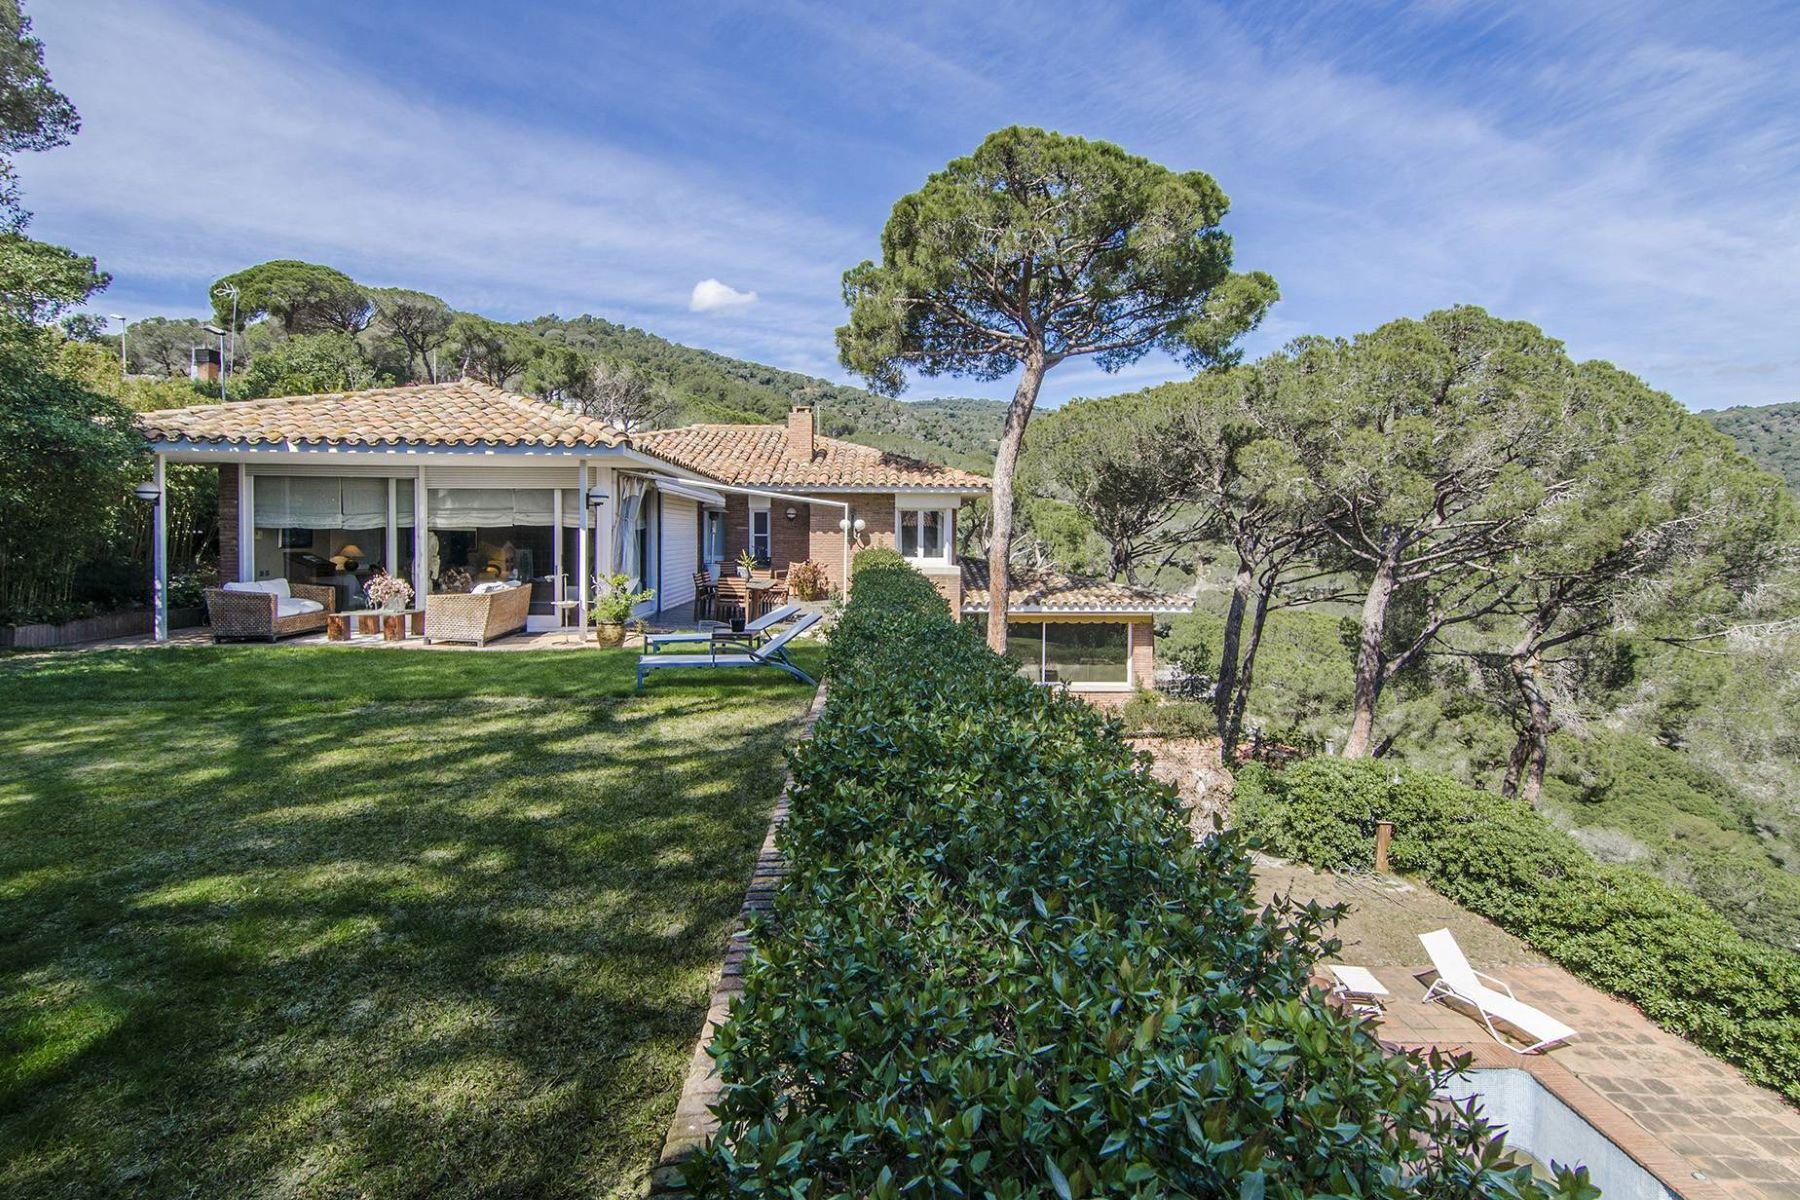 Maison unifamiliale pour l Vente à Tranquility and Sea Views in the Coastal Sierra Vilassar De Mar, Barcelona, 08340 Espagne